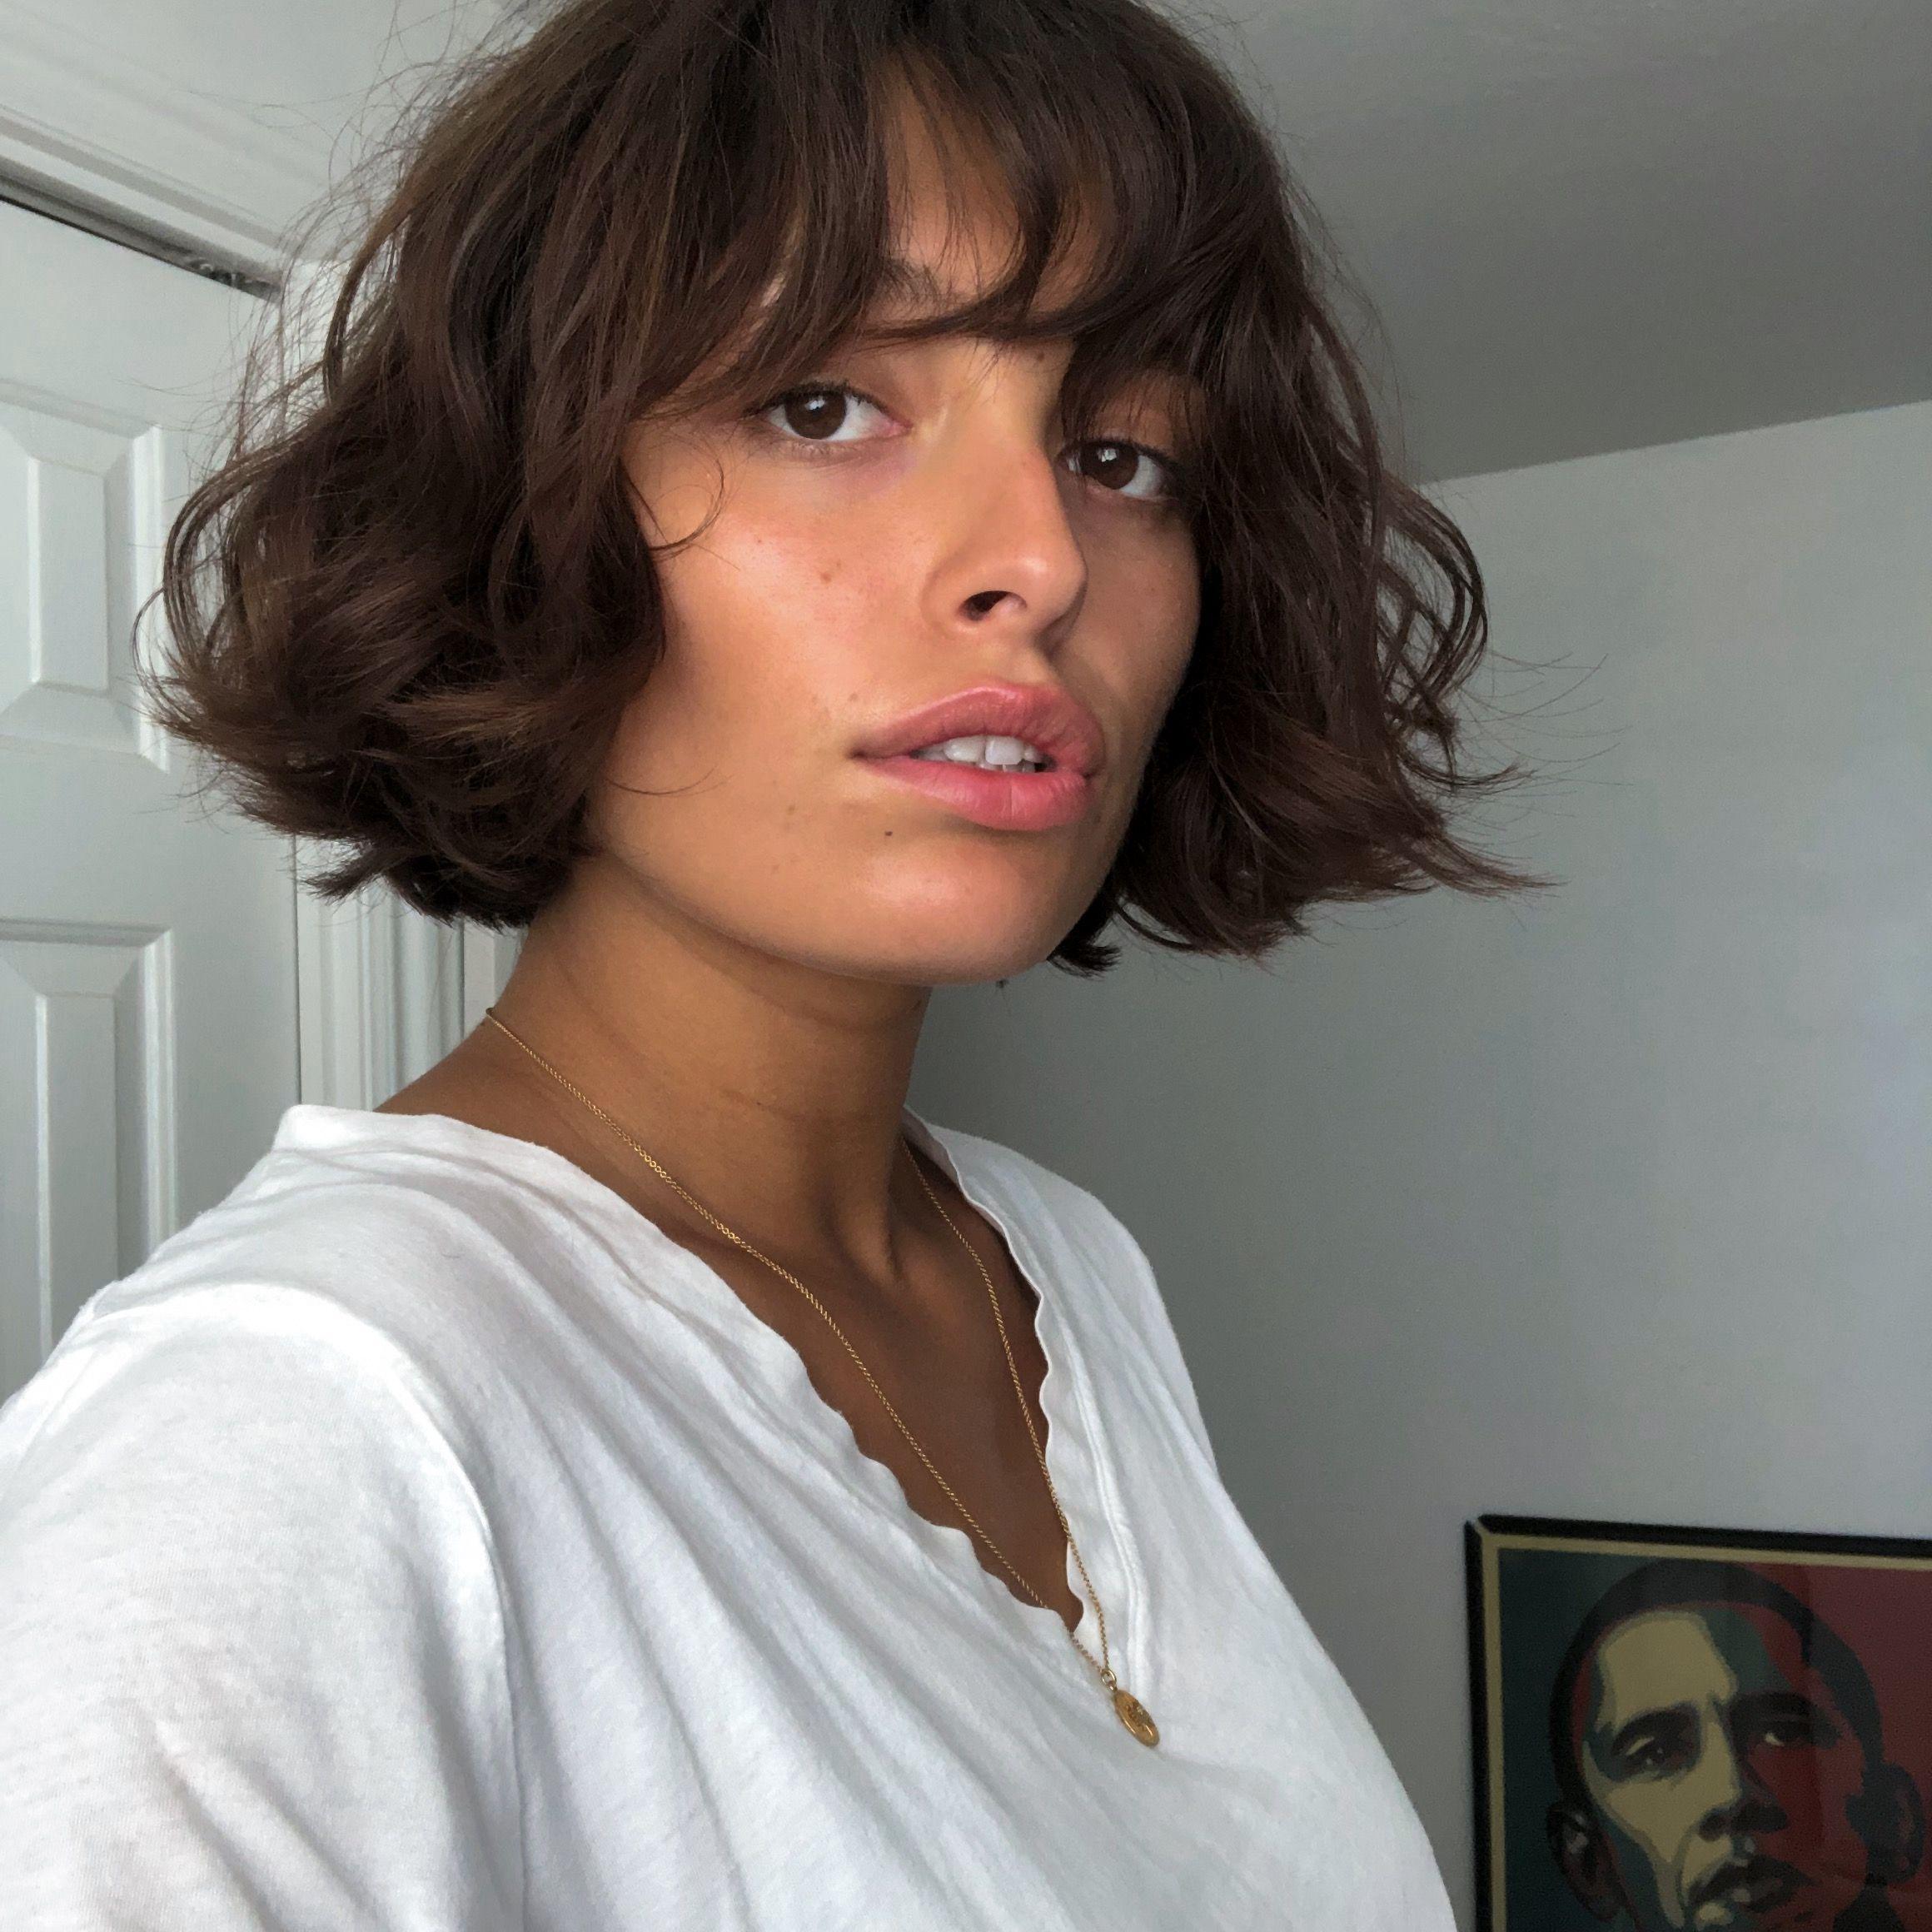 Short Bobbed Hair Short Wavy Hair Medium Short Haircuts Short Hair With Bangs